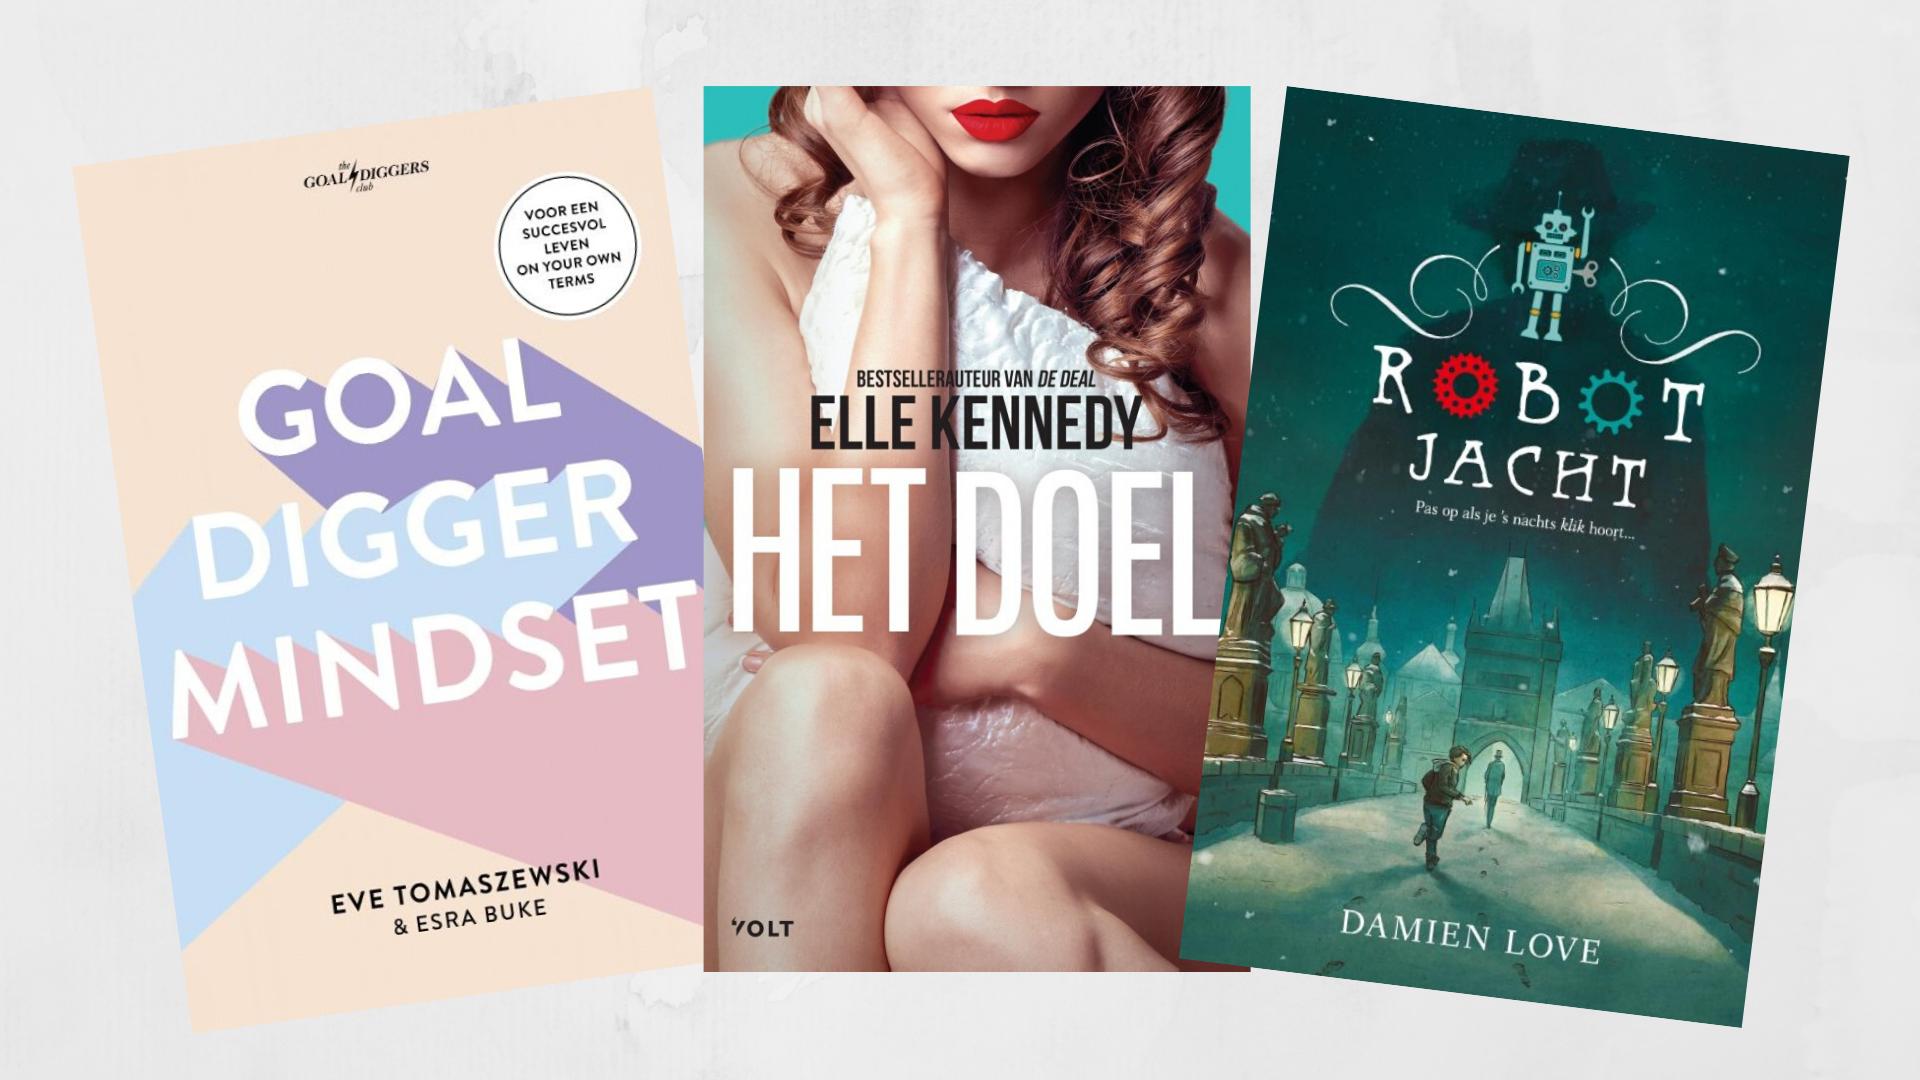 De nieuwe boeken waar ik naar uitkijk in december